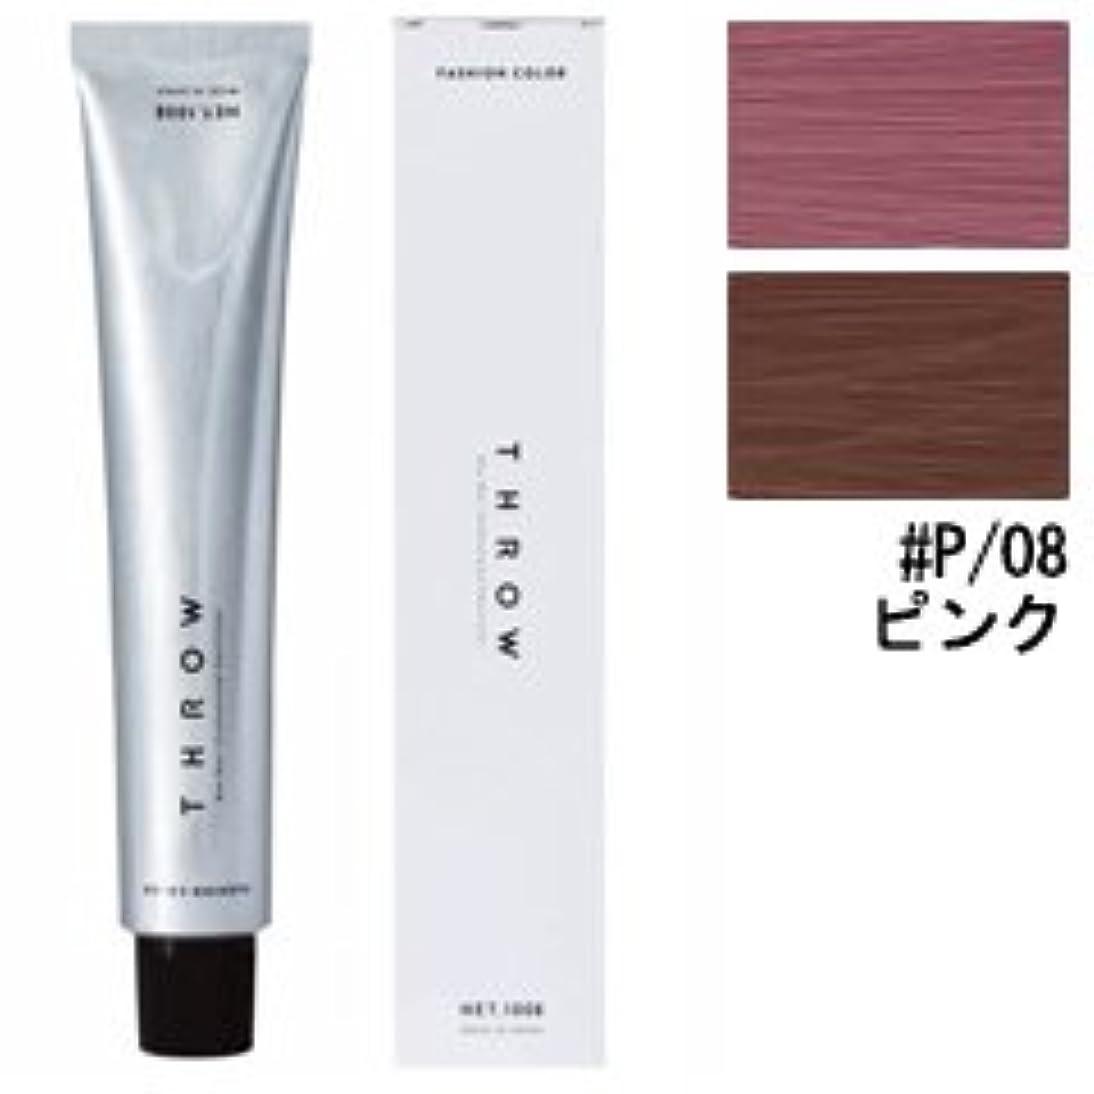 ファブリックフィードバック合体【モルトベーネ】スロウ ファッションカラー #P/08 ピンク 100g